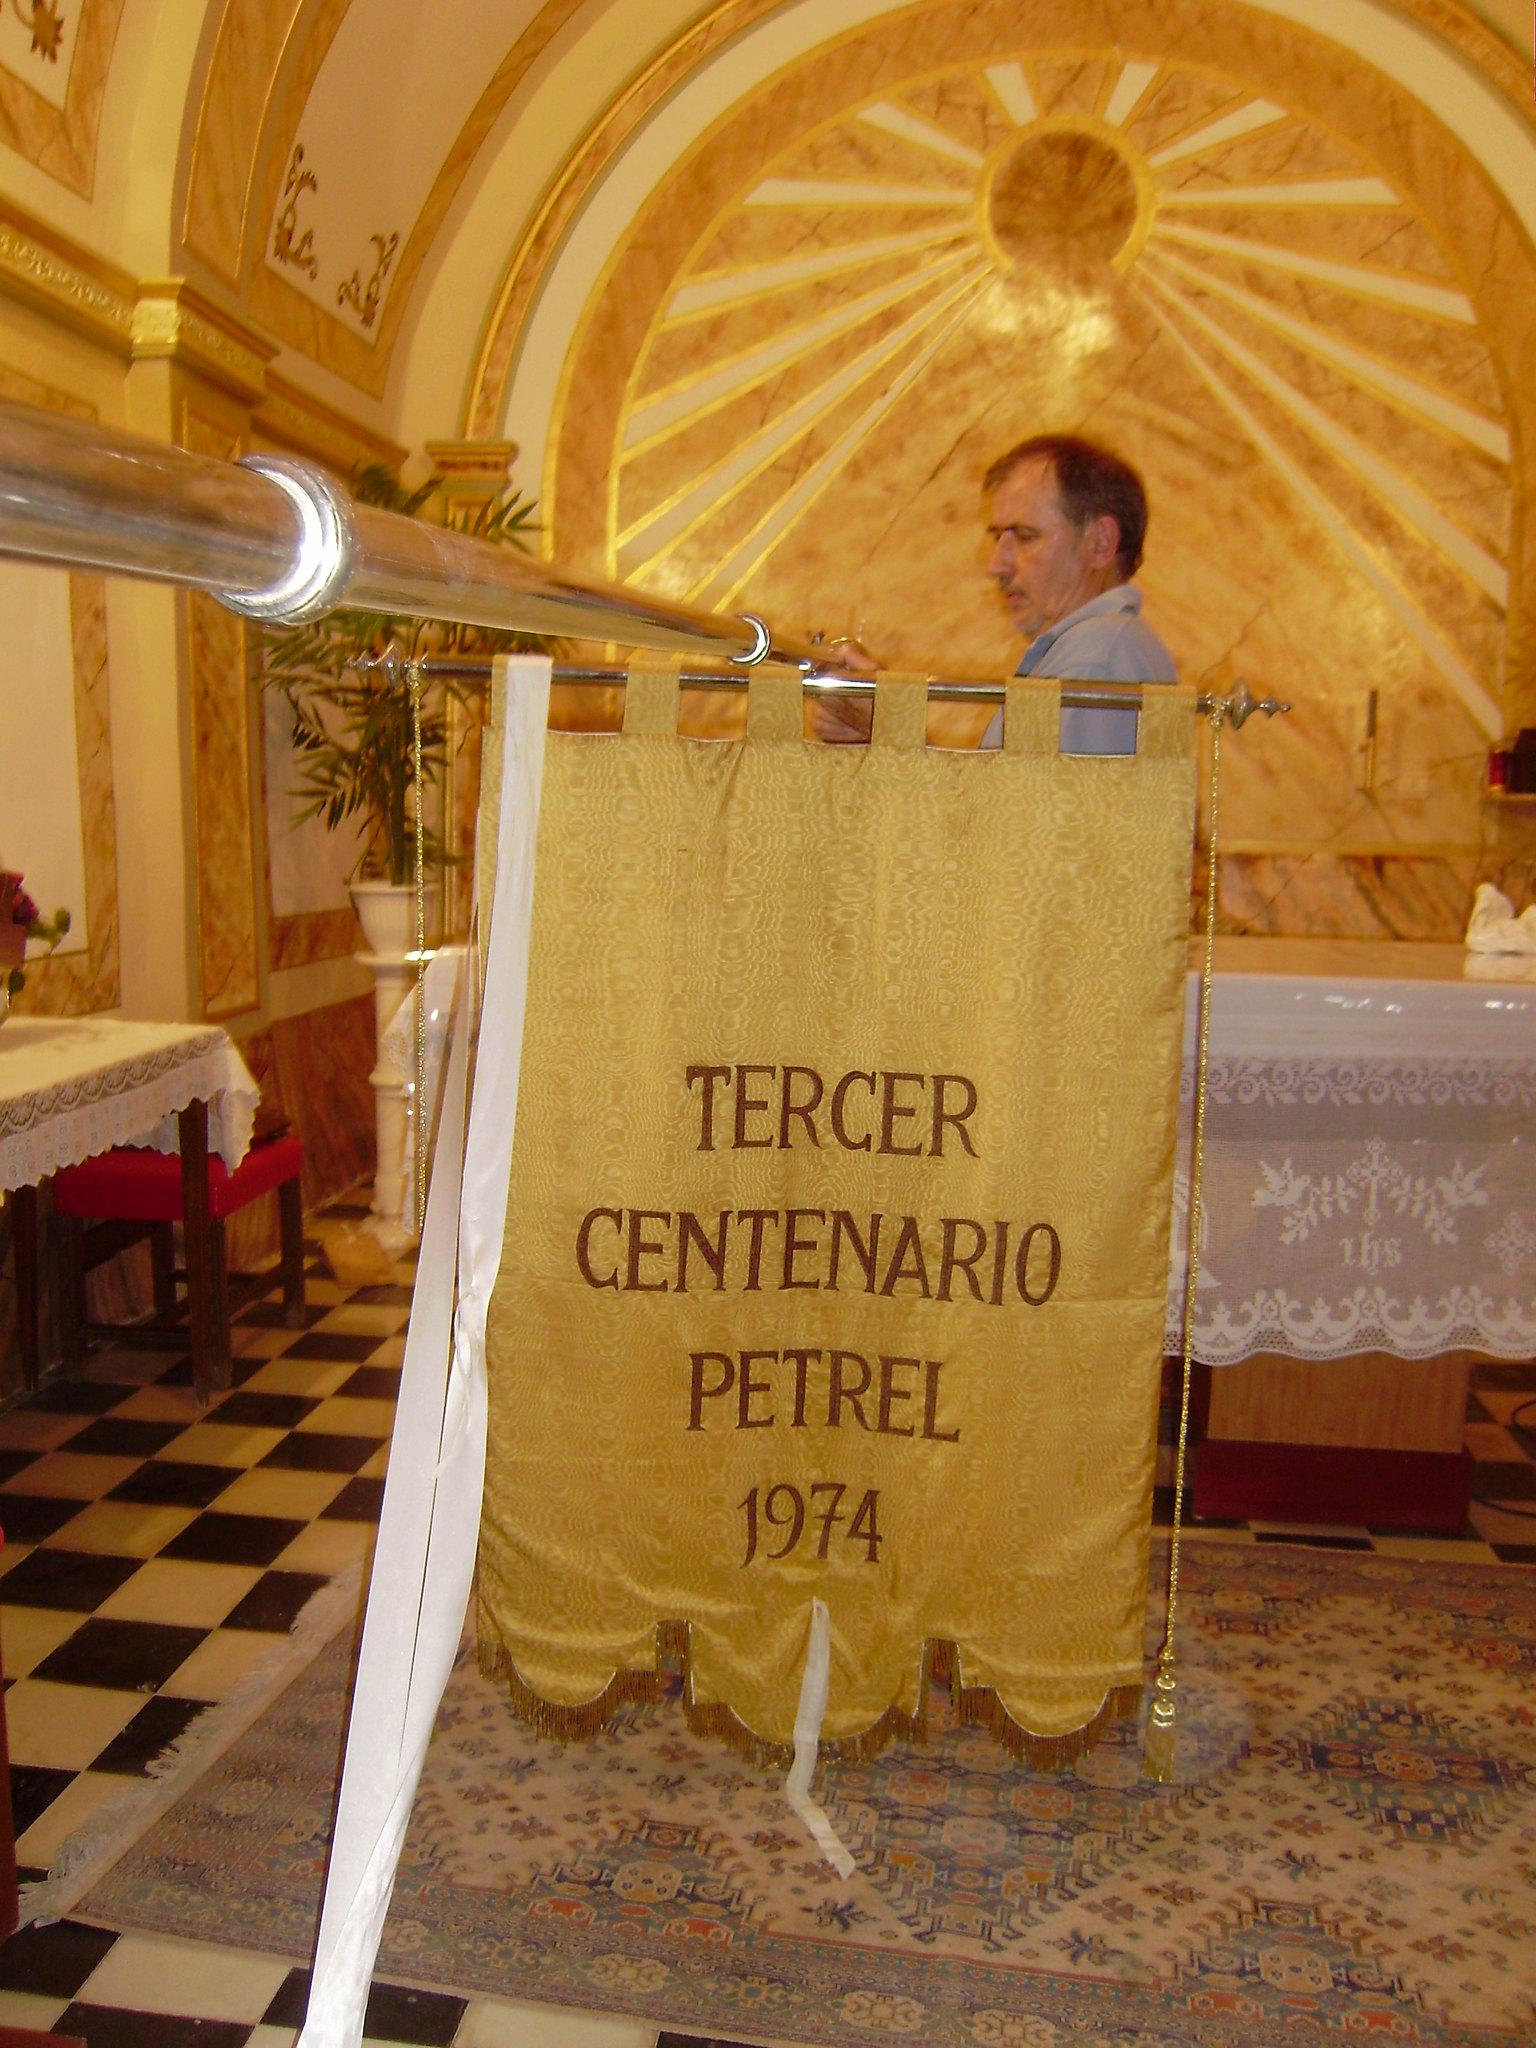 (2009-06-04) - Preparativos - Javier Romero Ripoll - (07)